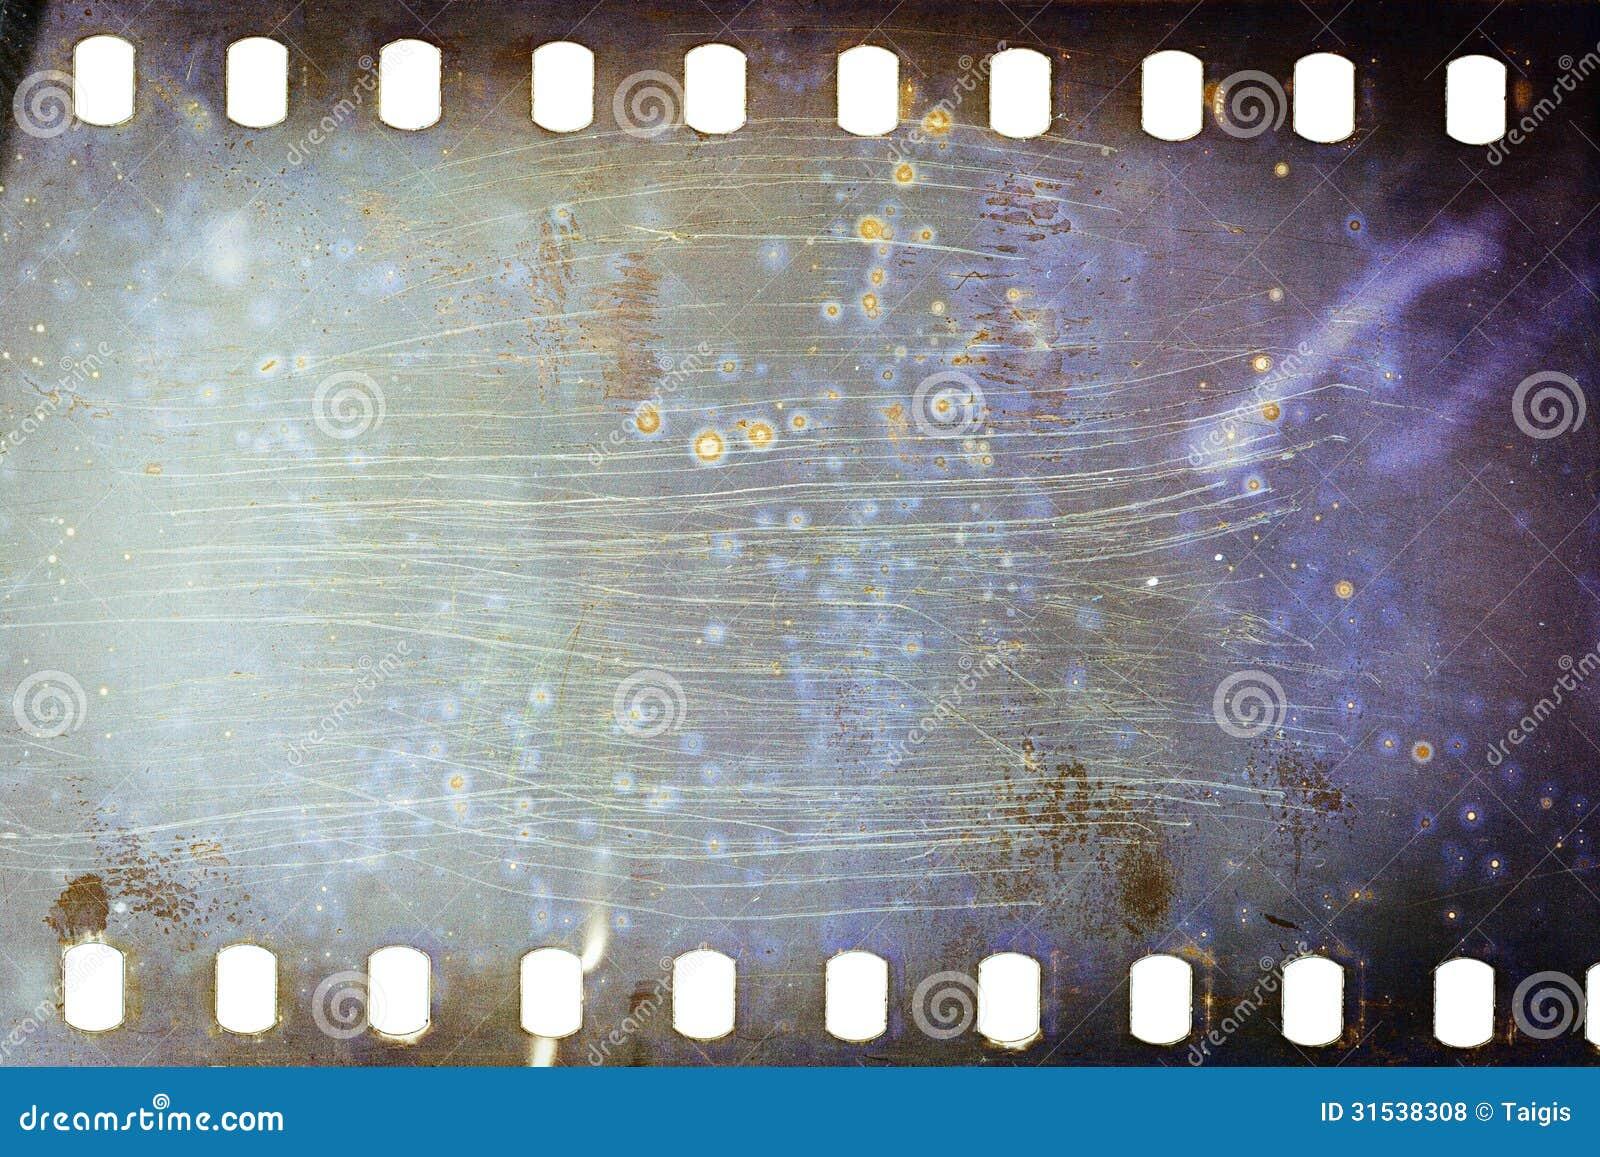 Old Film Reel Texture Old Grunge Filmstrip R...